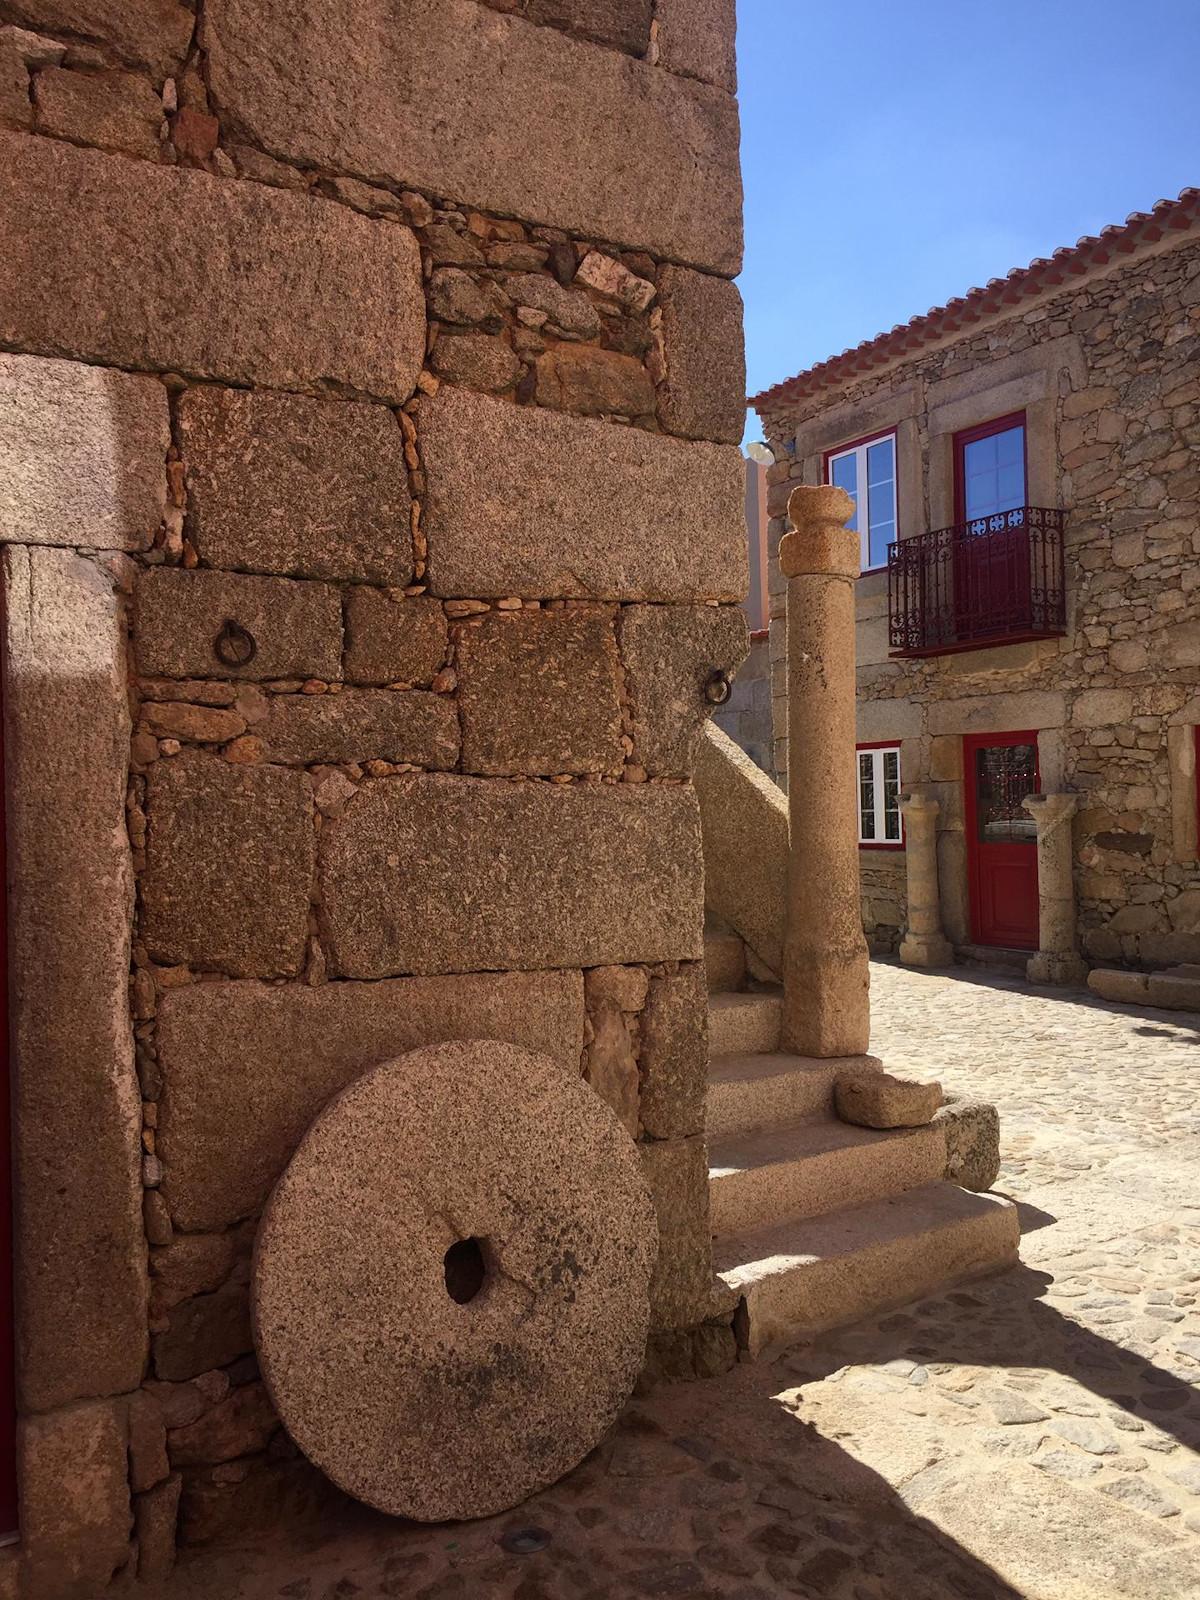 Risoturismo - Turismo, Cultura e Lazer